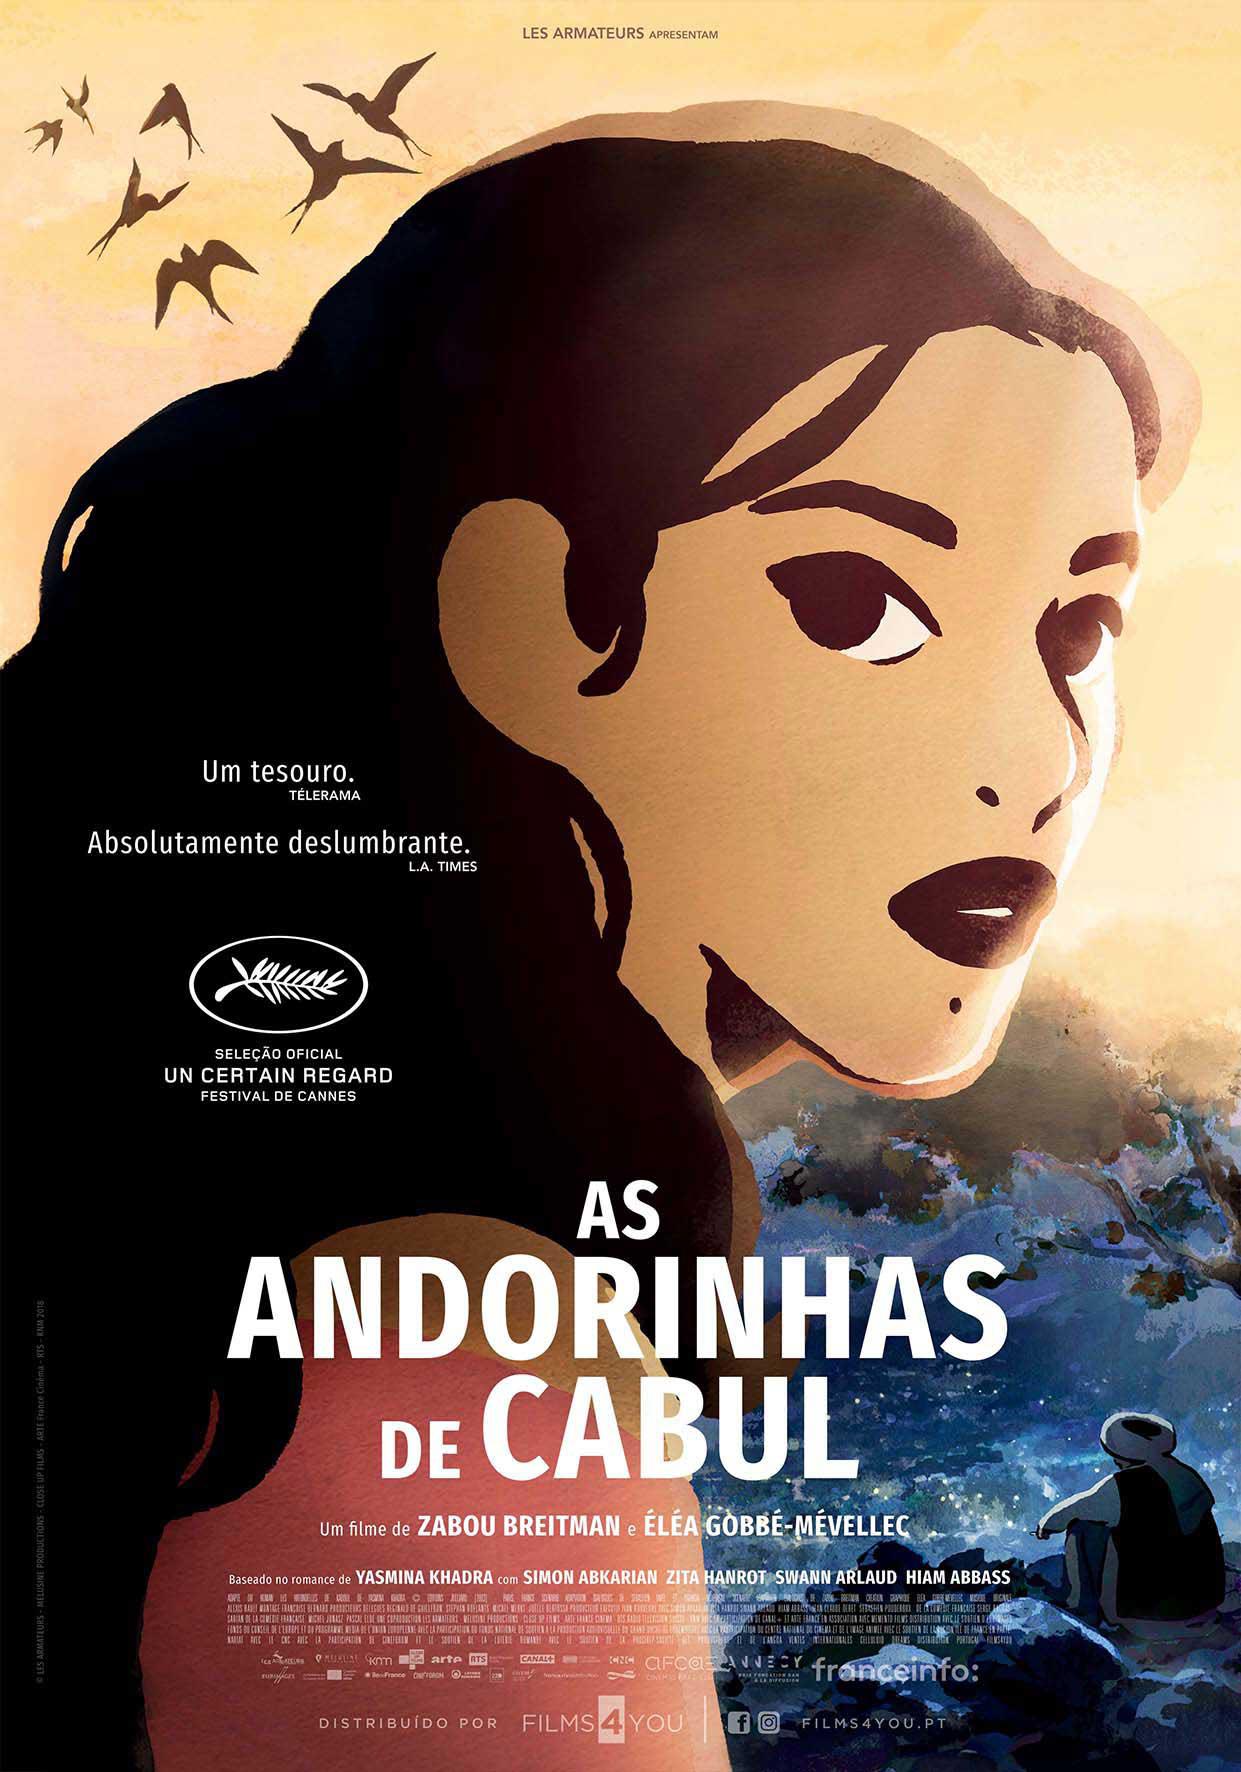 AS ANDORINHAS DE CABUL